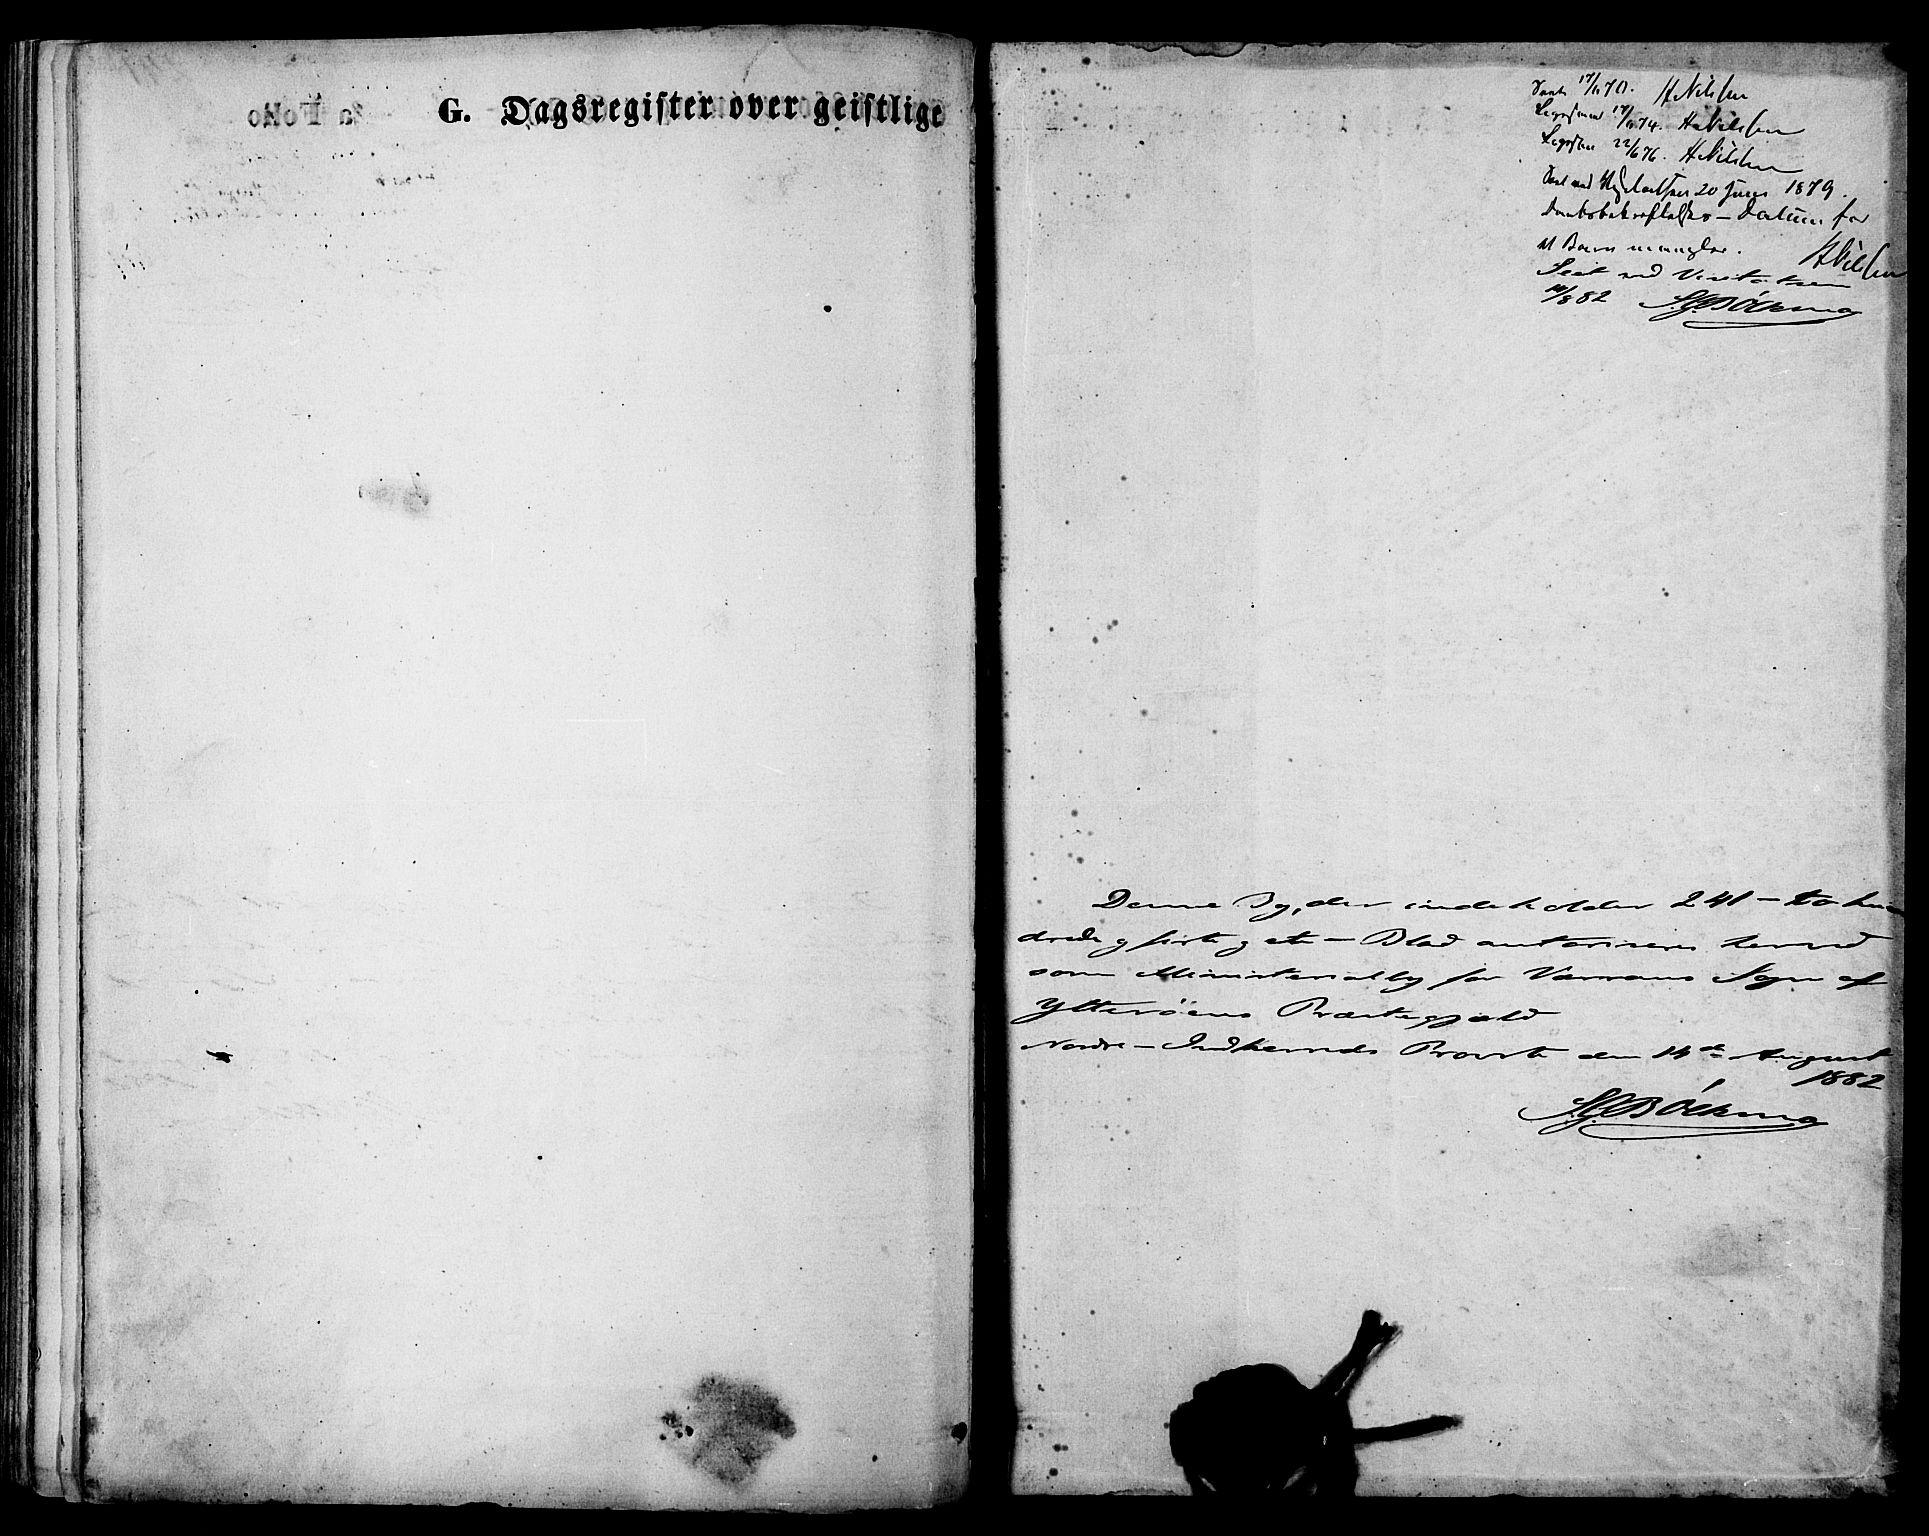 SAT, Ministerialprotokoller, klokkerbøker og fødselsregistre - Nord-Trøndelag, 744/L0419: Ministerialbok nr. 744A03, 1867-1881